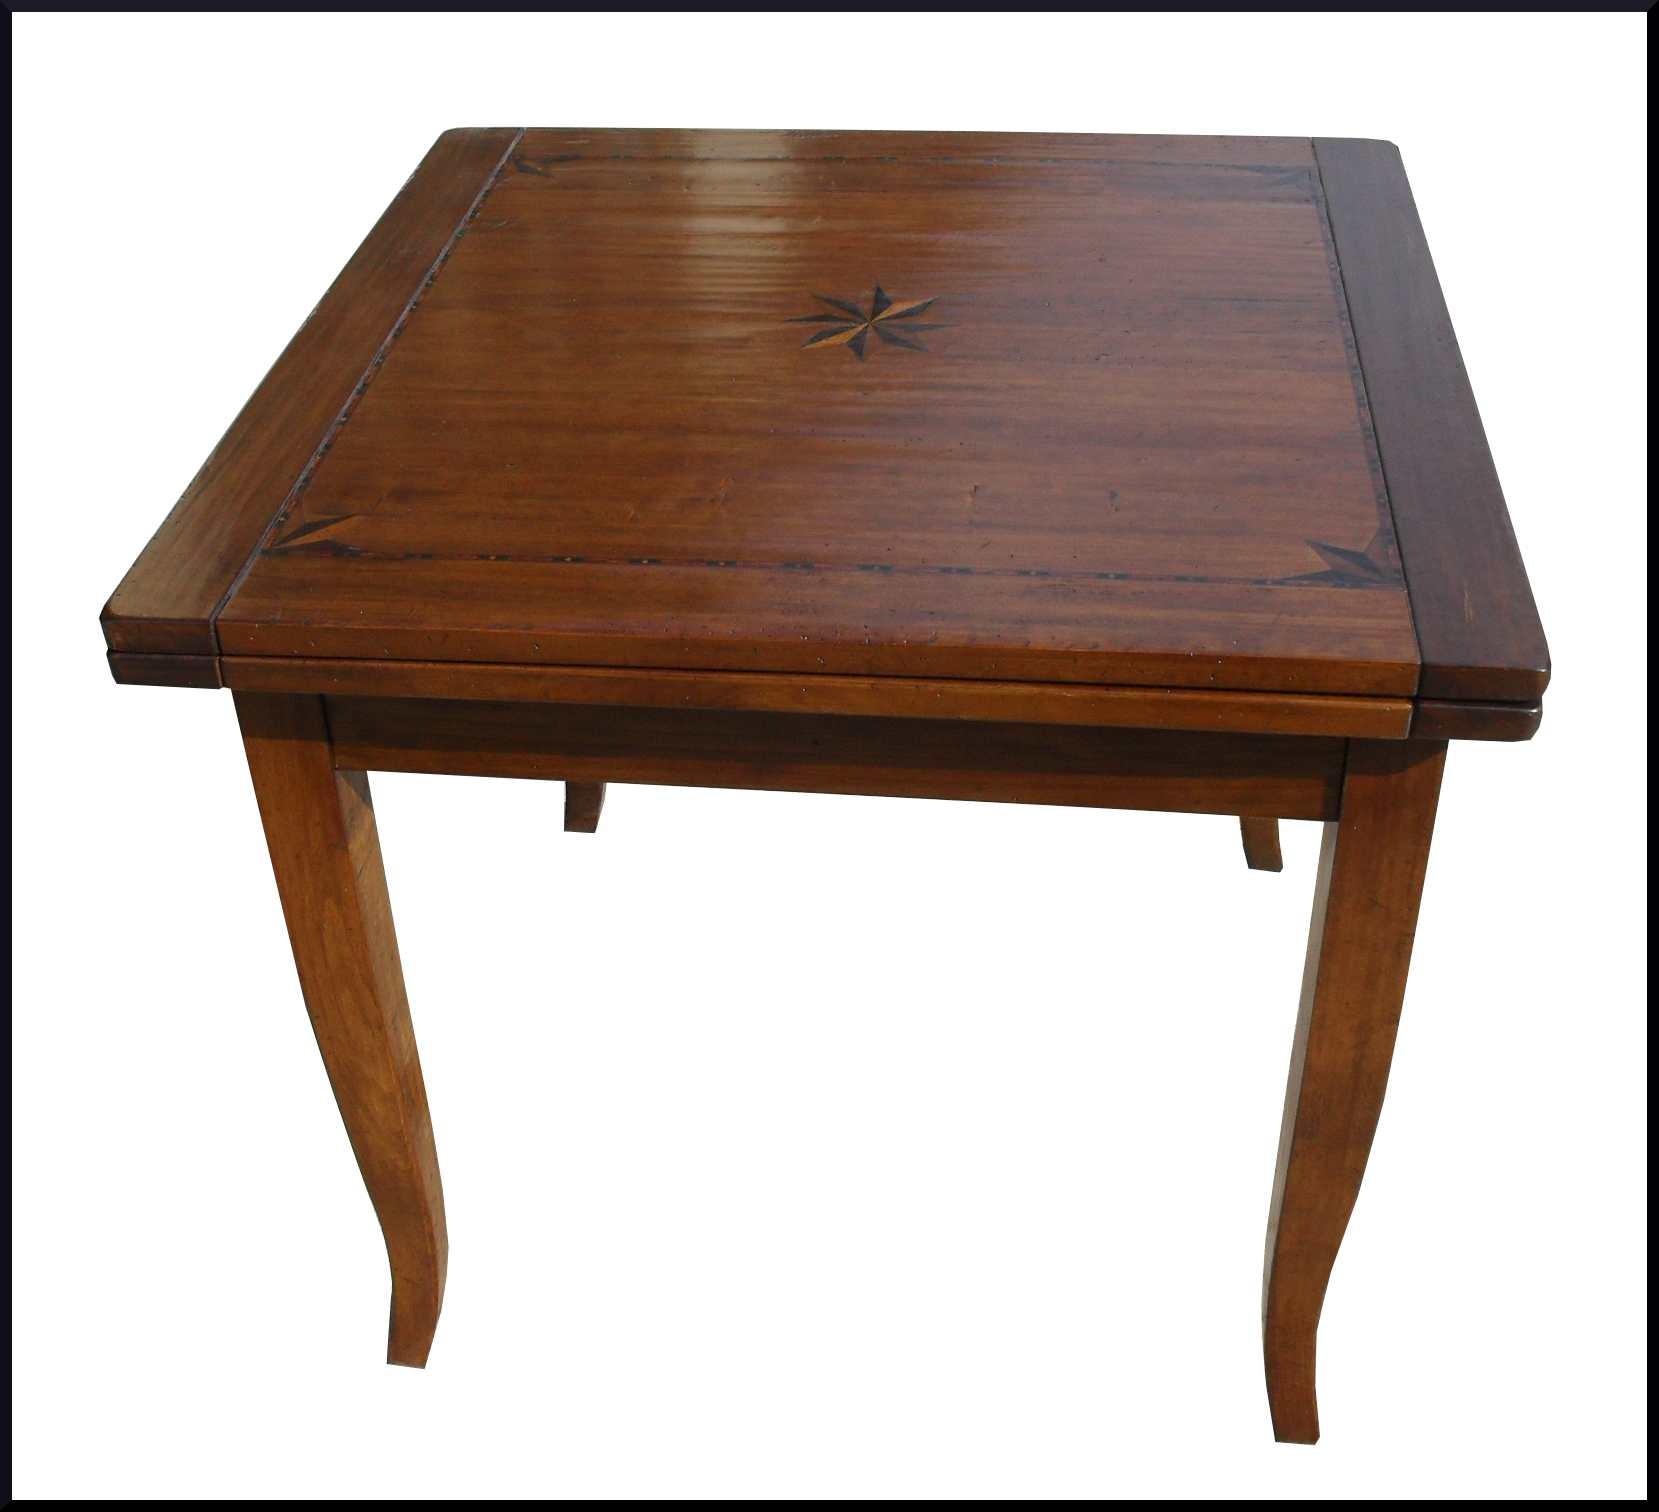 Tavolo Allungabile Antico Da Restaurare.Novita E Promozioni Mobili Antichi Restaurati E Riprodotti La